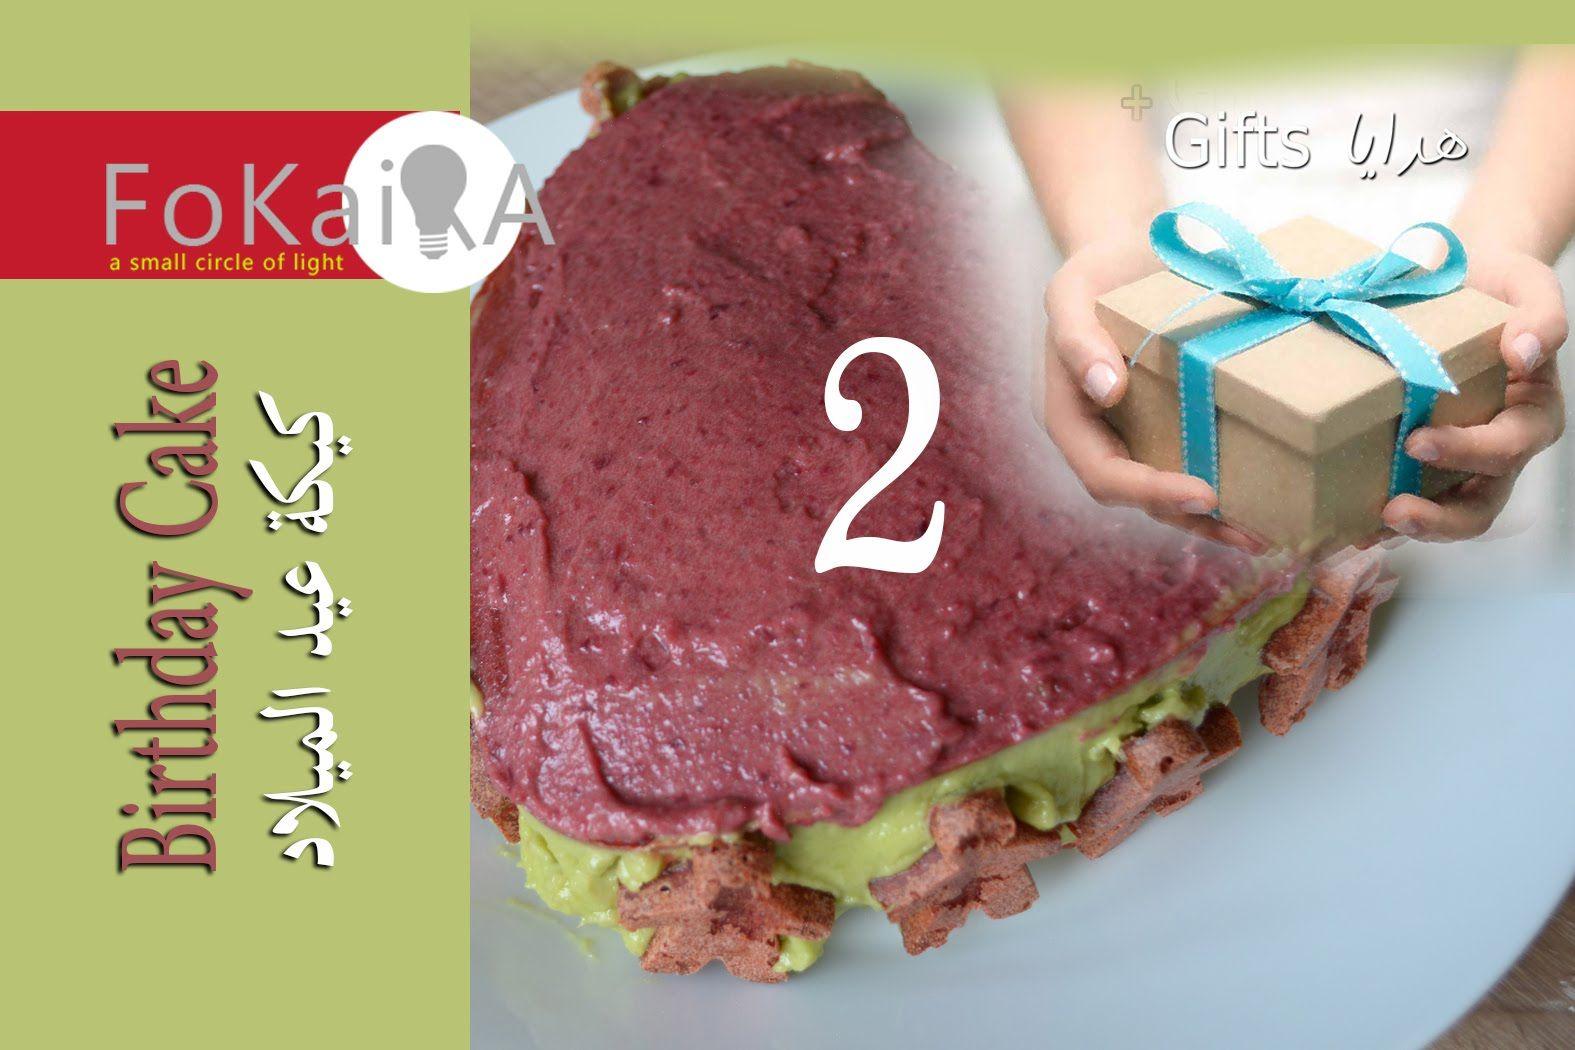 الفكيرة 120 كيكة عيد الميلاد فيجان و هدايا 2 Birthday Cake Christmas Cake Light Cakes Cake